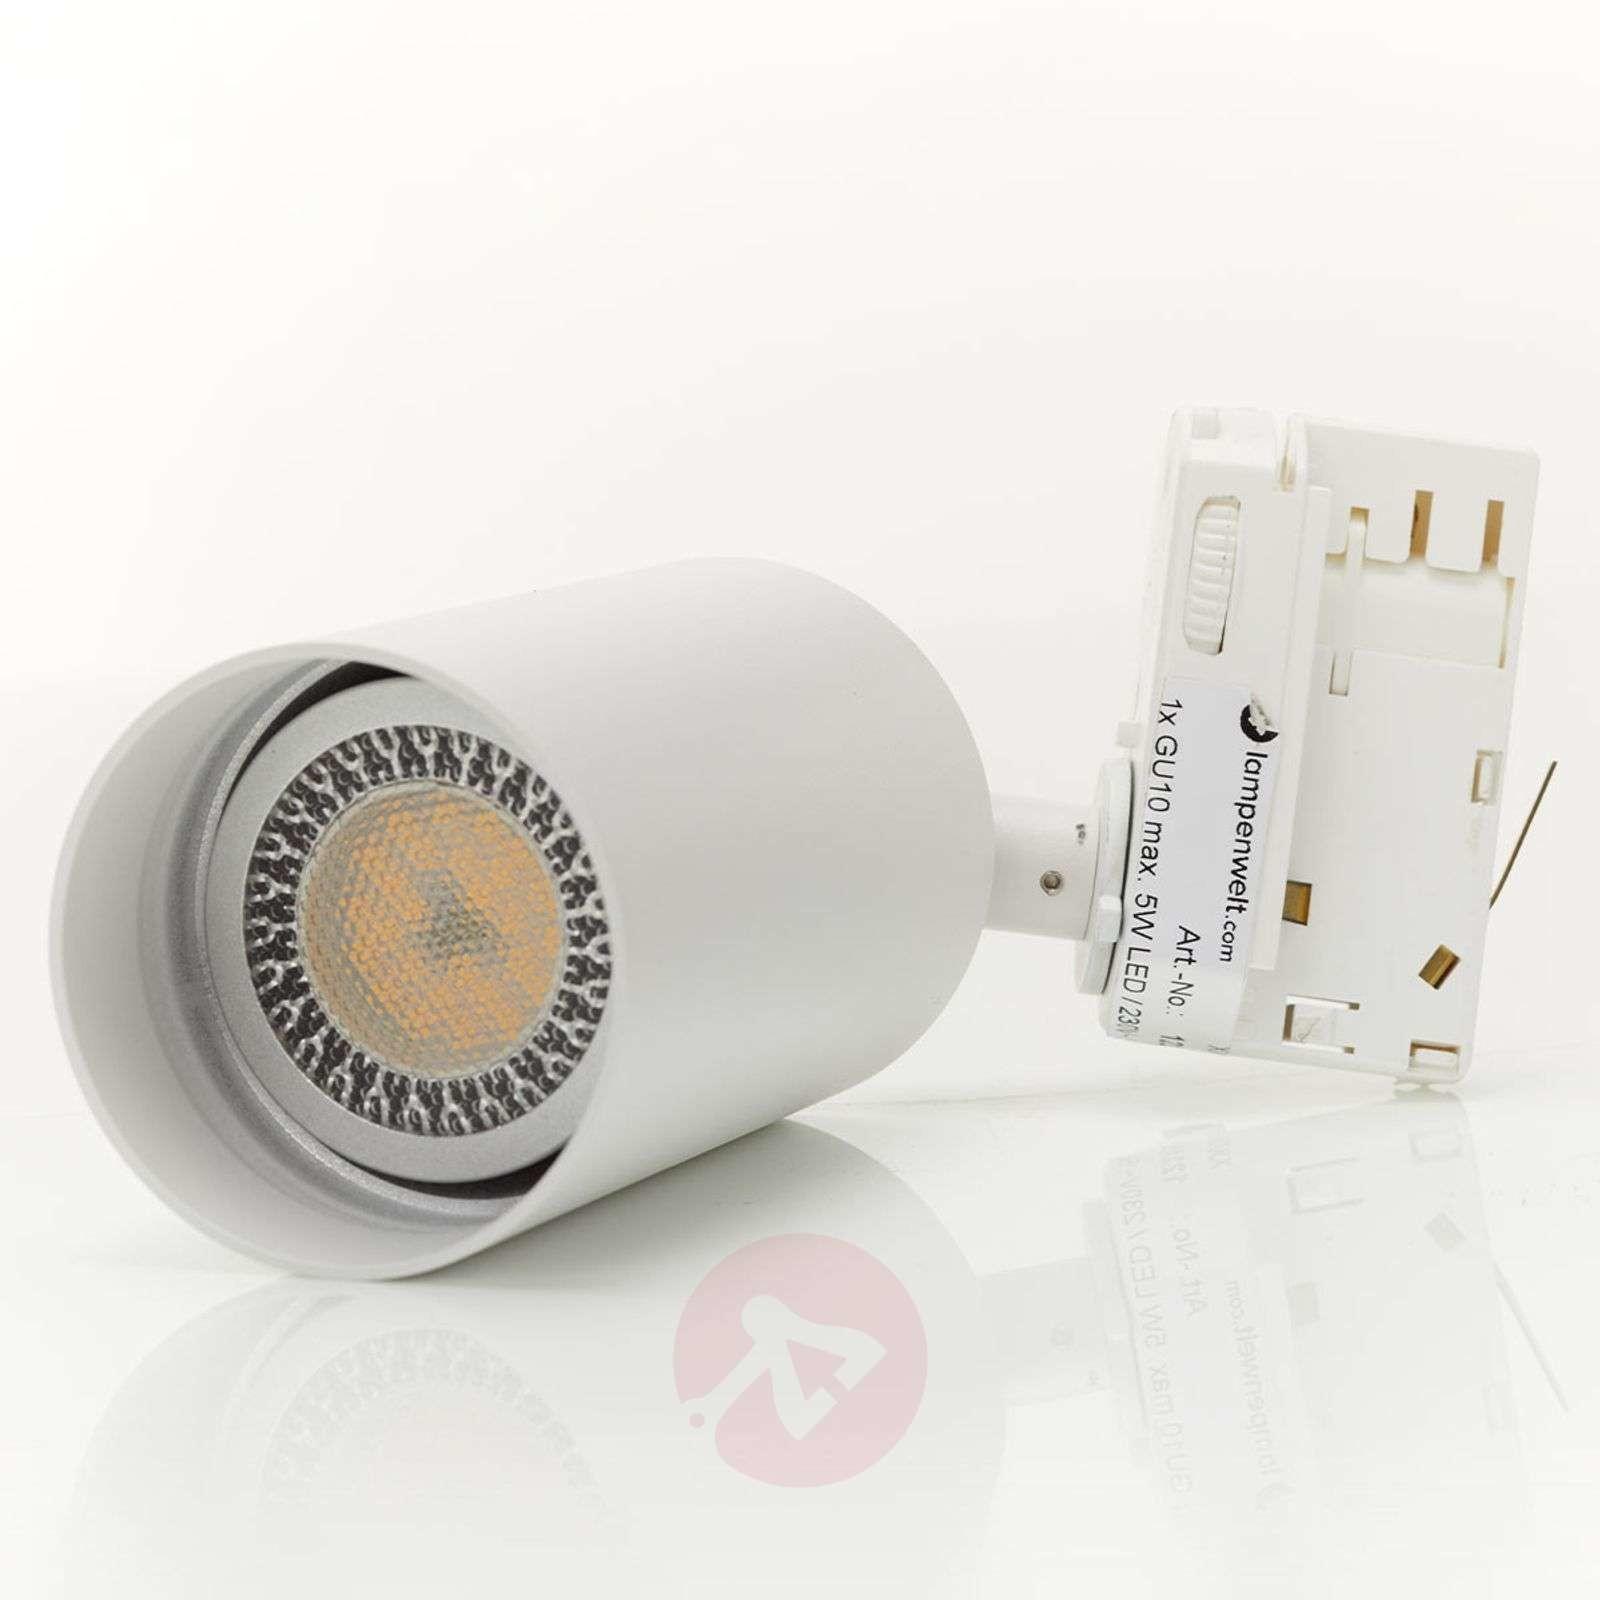 Lampenwelt com 3-fazowy reflektor Brinja, system szynowy, biały